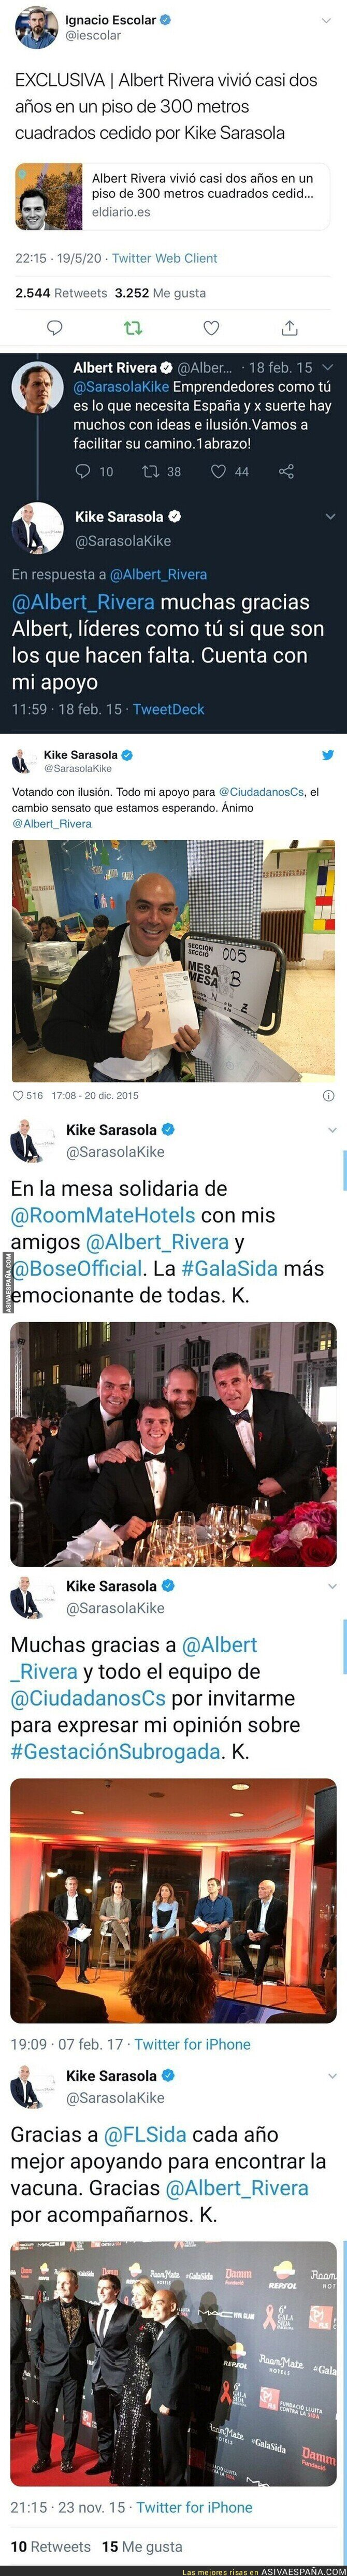 168013 - Ojo a todos los tuits que le dedicaba Kike Sarasola a Albert Rivera años atrás al saberse hoy que le cedió una casa de 300m2